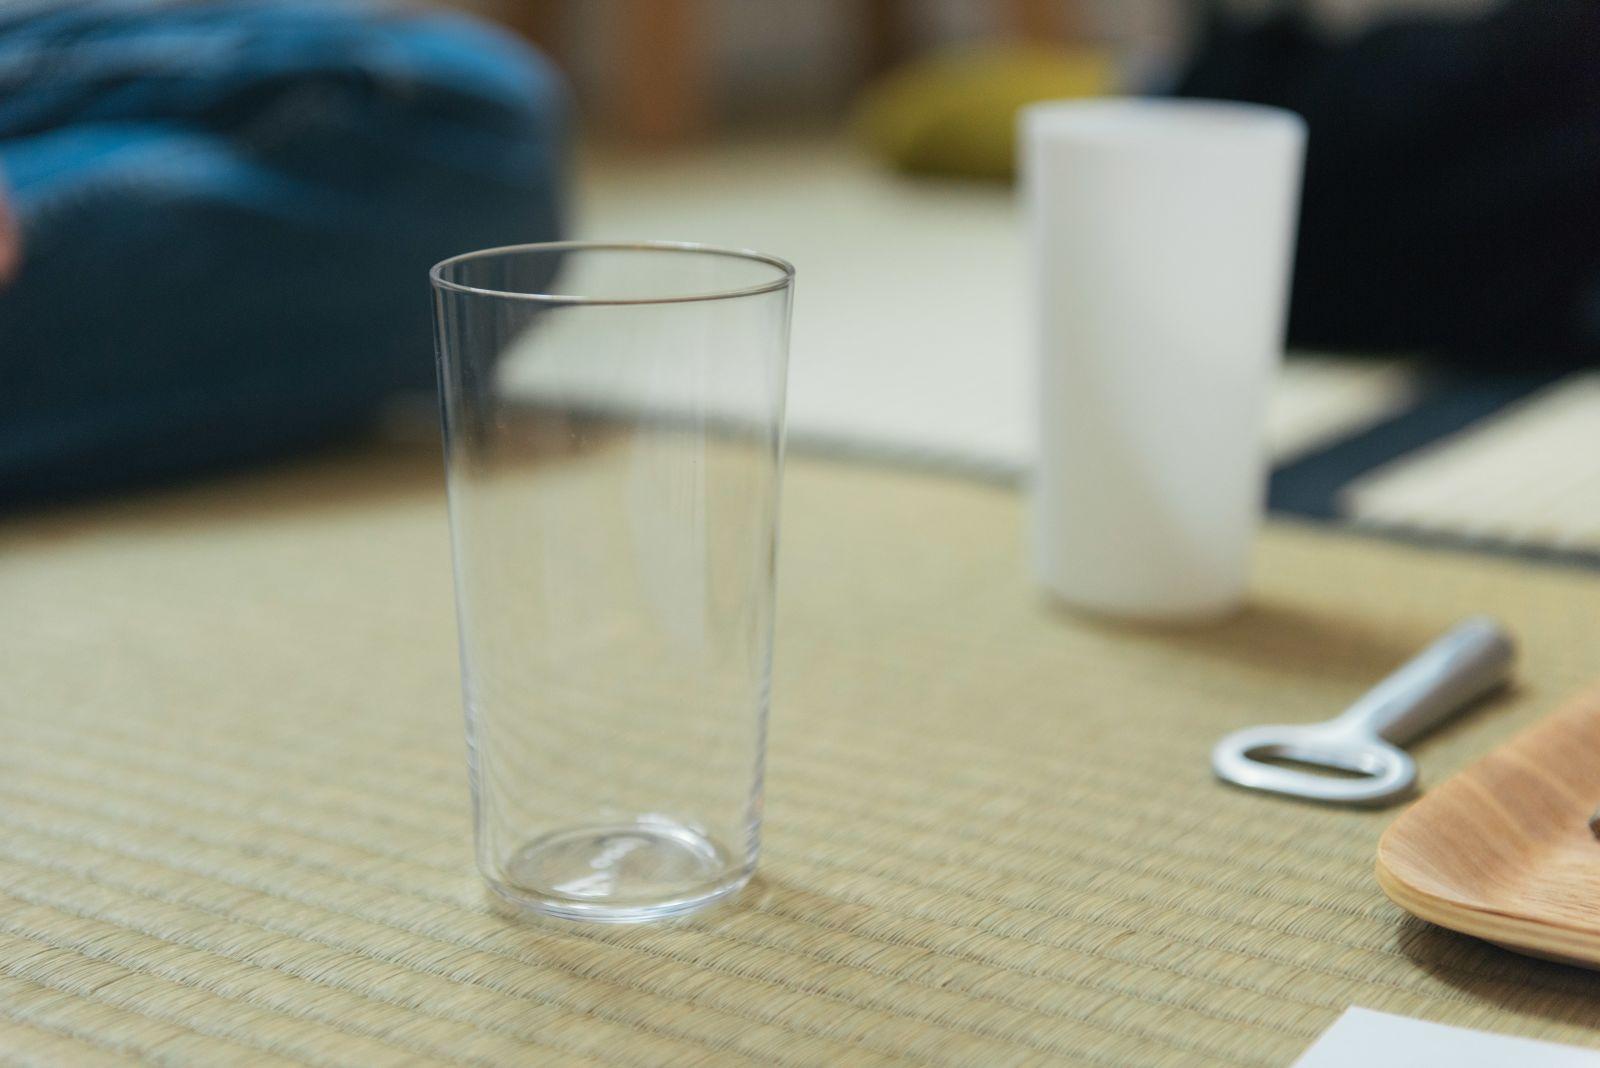 OOO330隱形杯